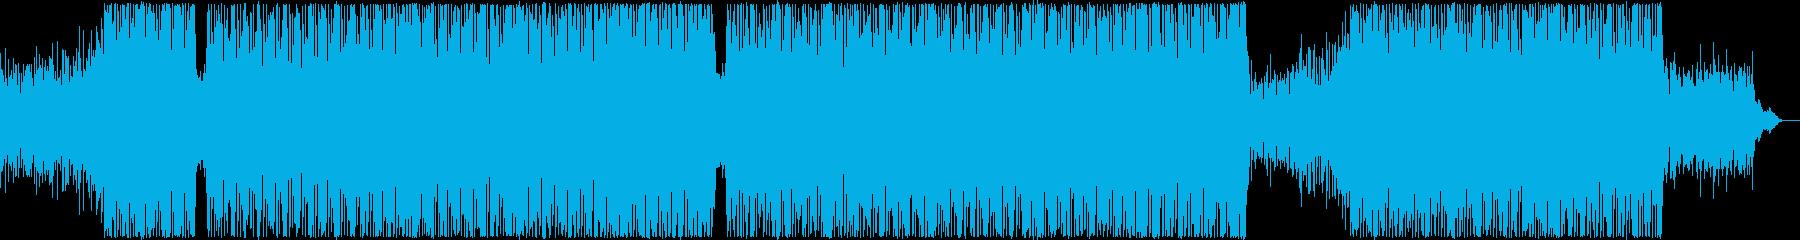 エネルギッシュ、ポップ/ダンス、イ...の再生済みの波形